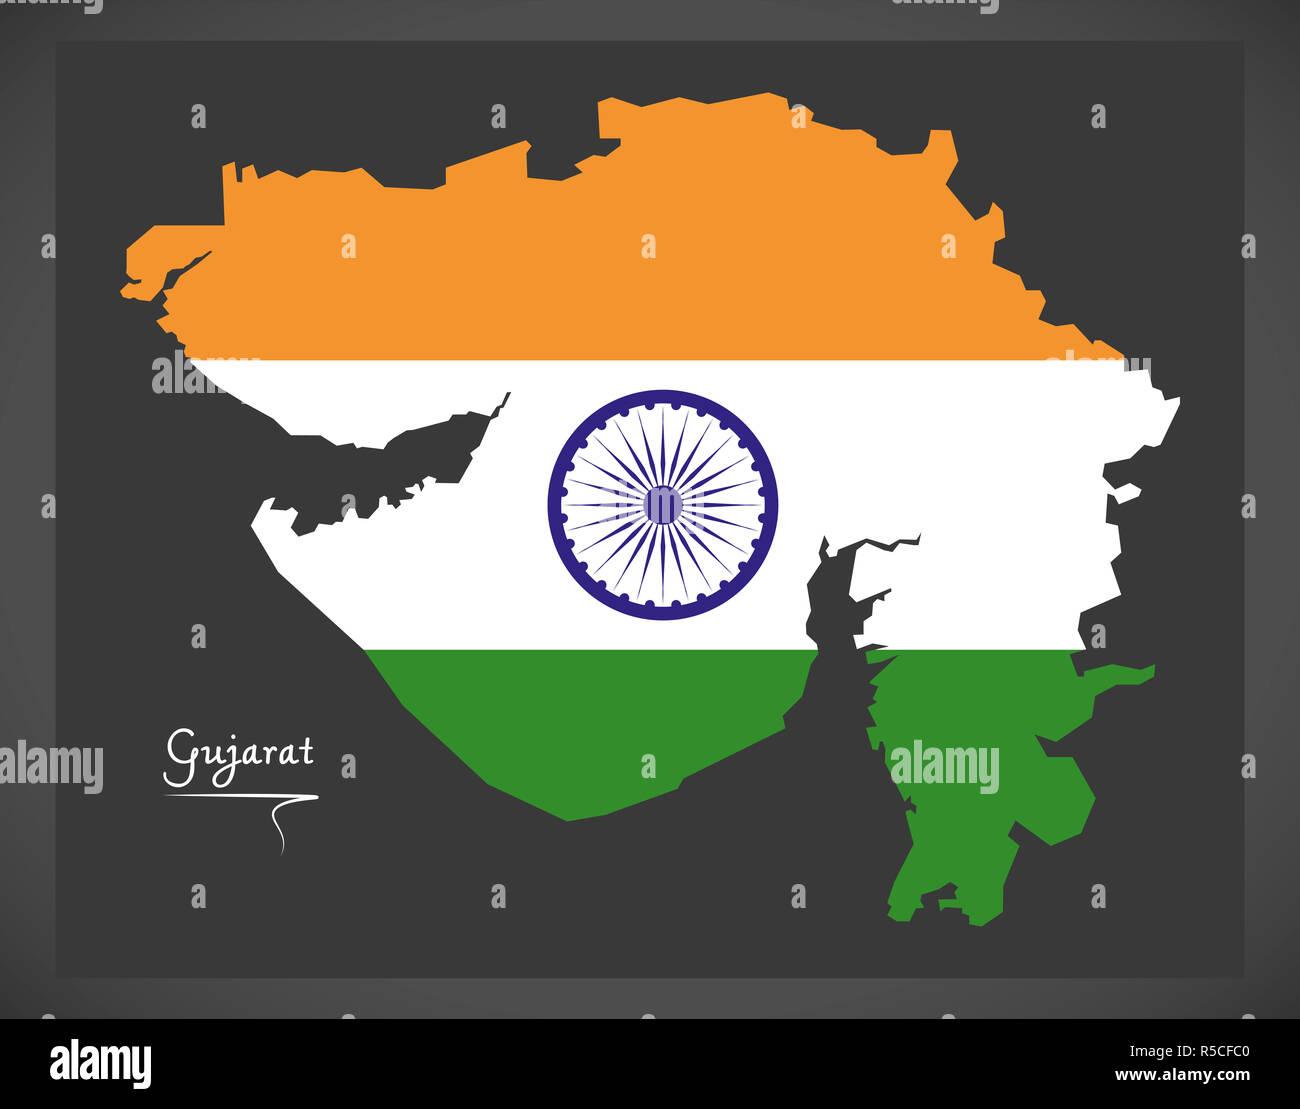 Gujarat Map Stock Photos & Gujarat Map Stock Images - Alamy